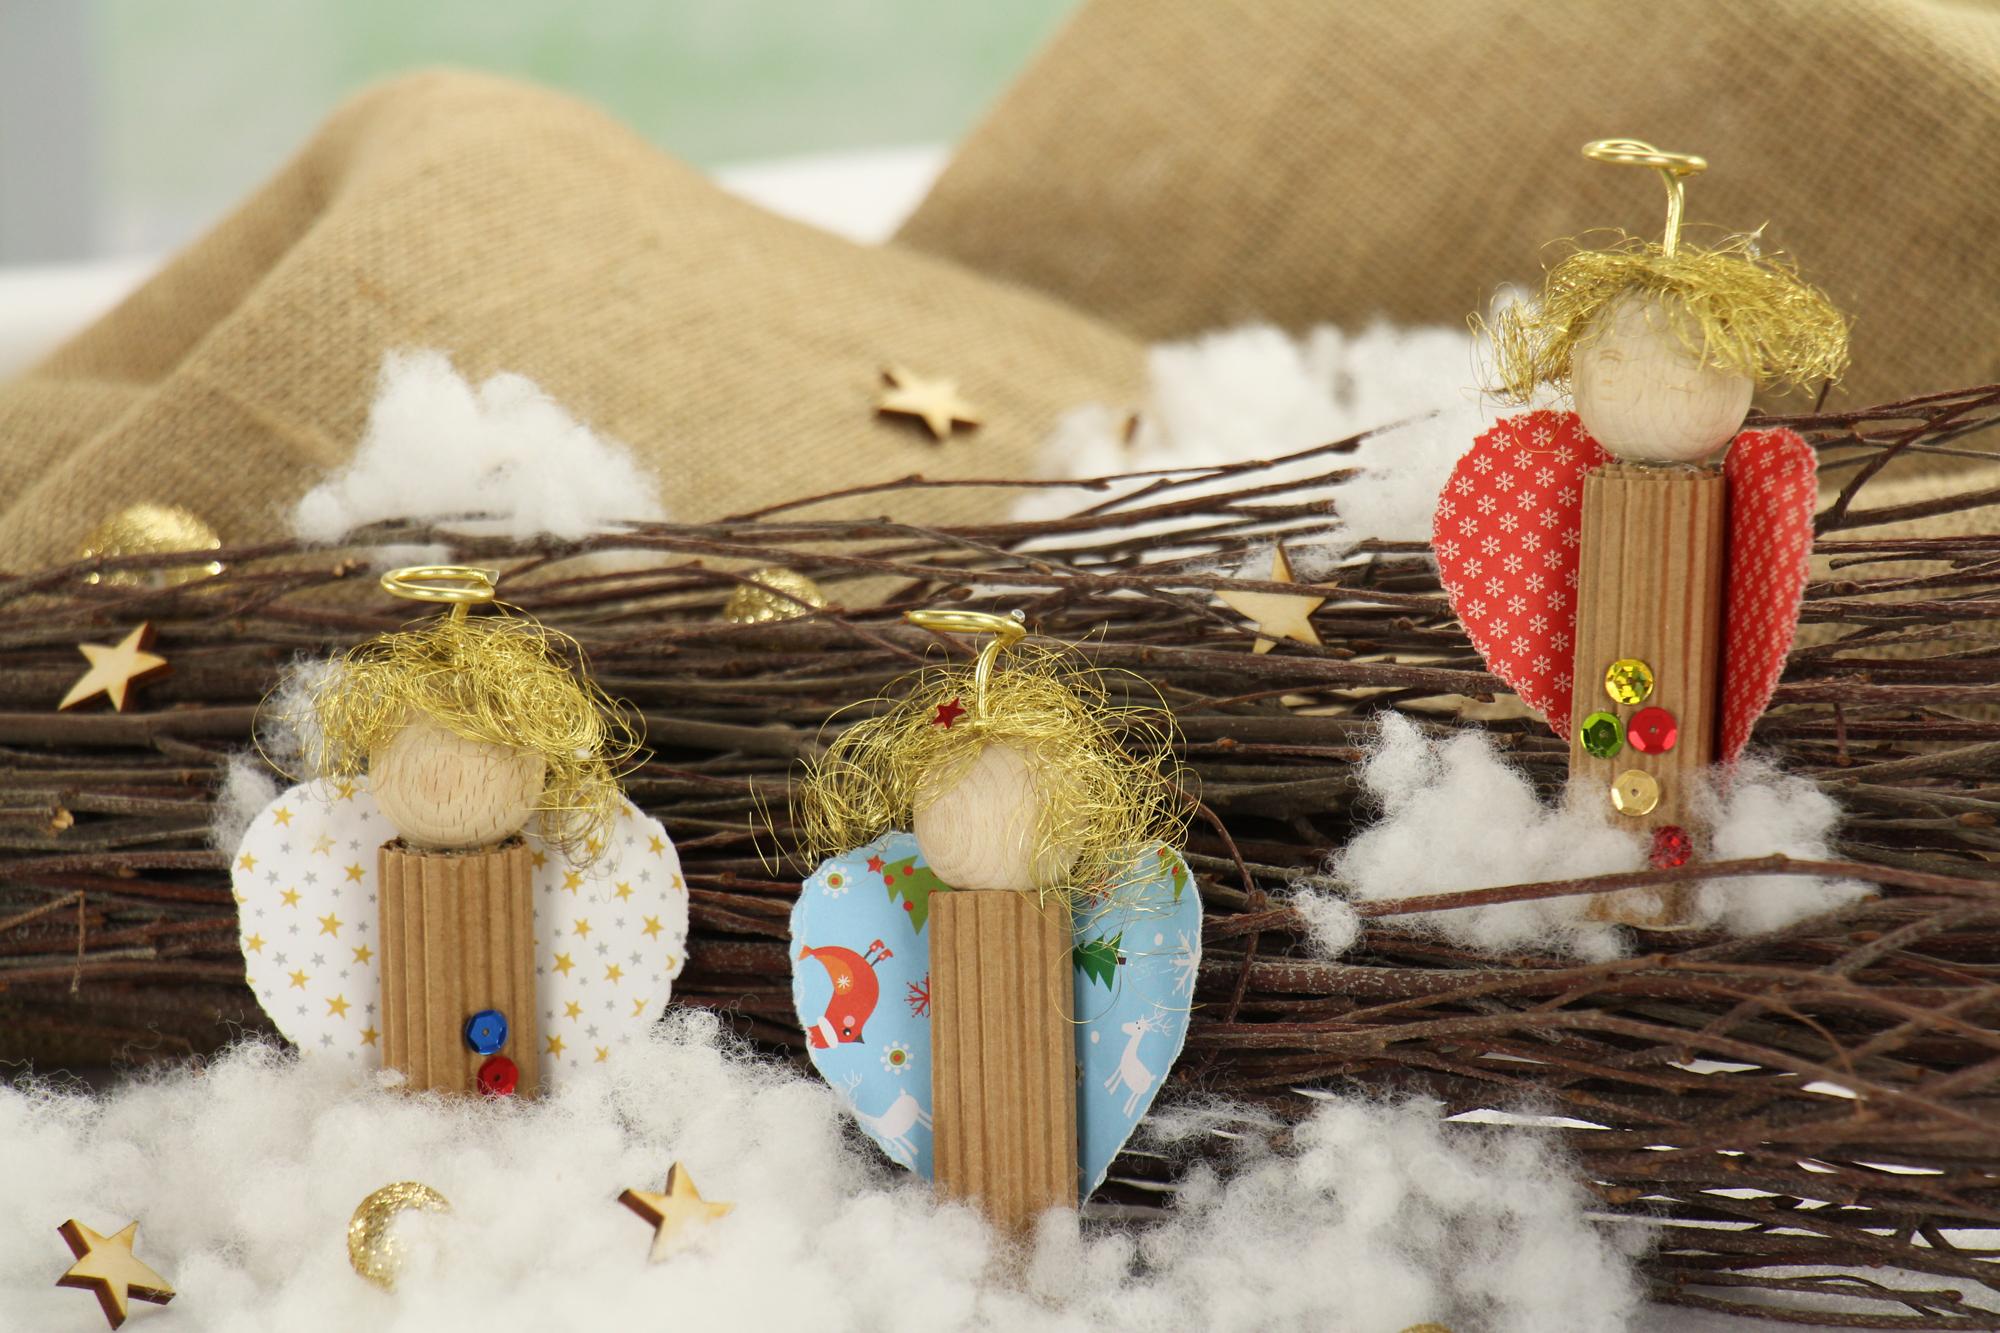 Weihnachtsgeschenke Basteln.Weihnachtsgeschenke Basteln Ideen Engelchen Deko